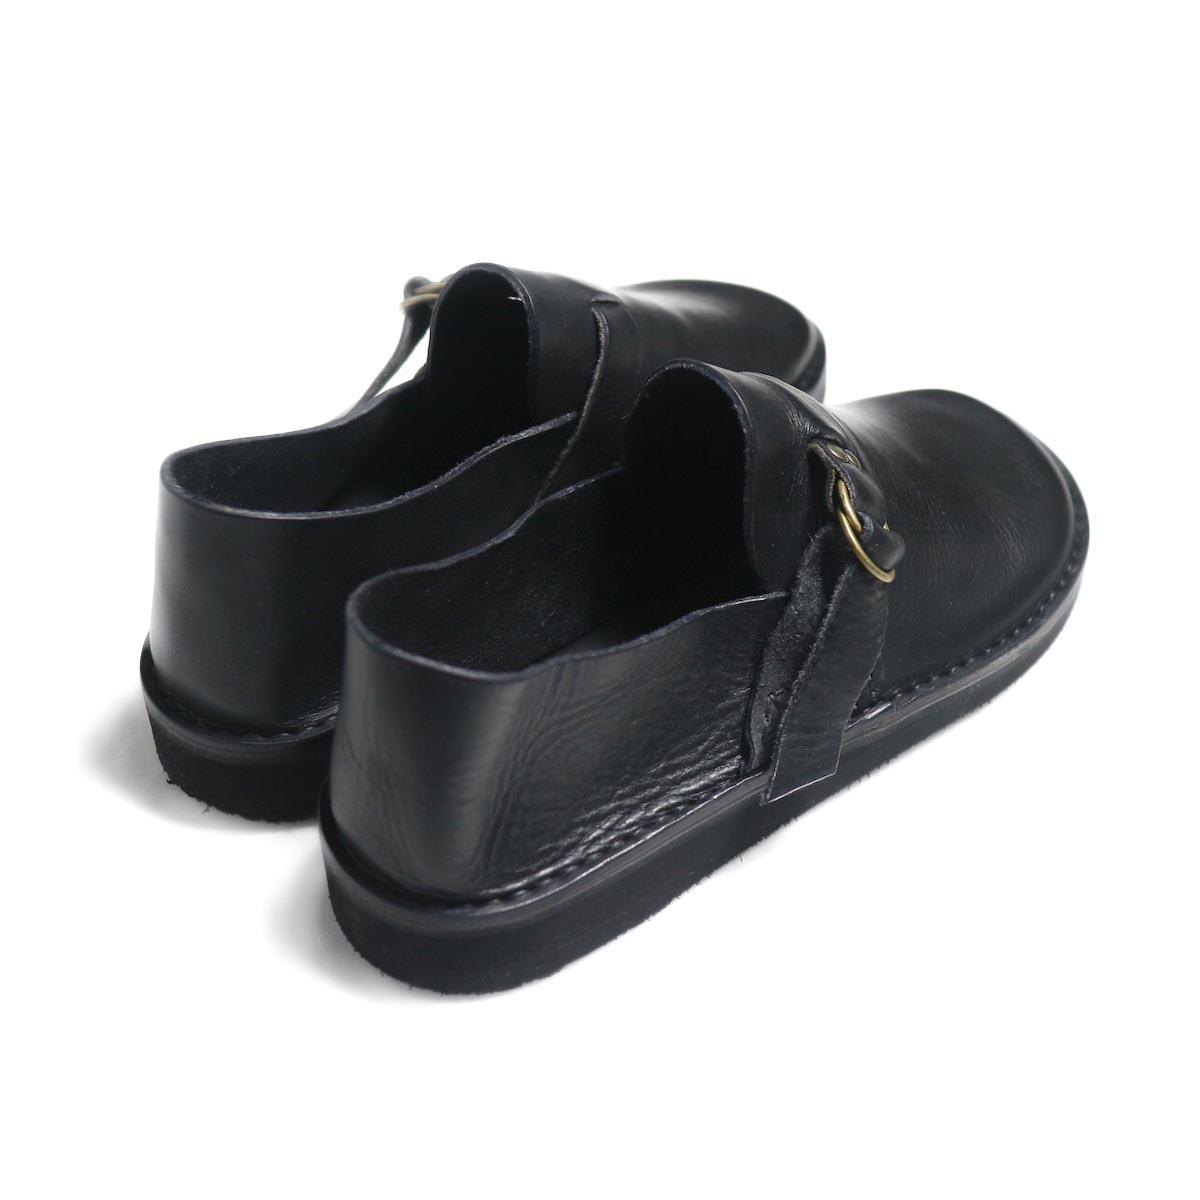 Fracap / R007 Leather Shoes -Black 背面